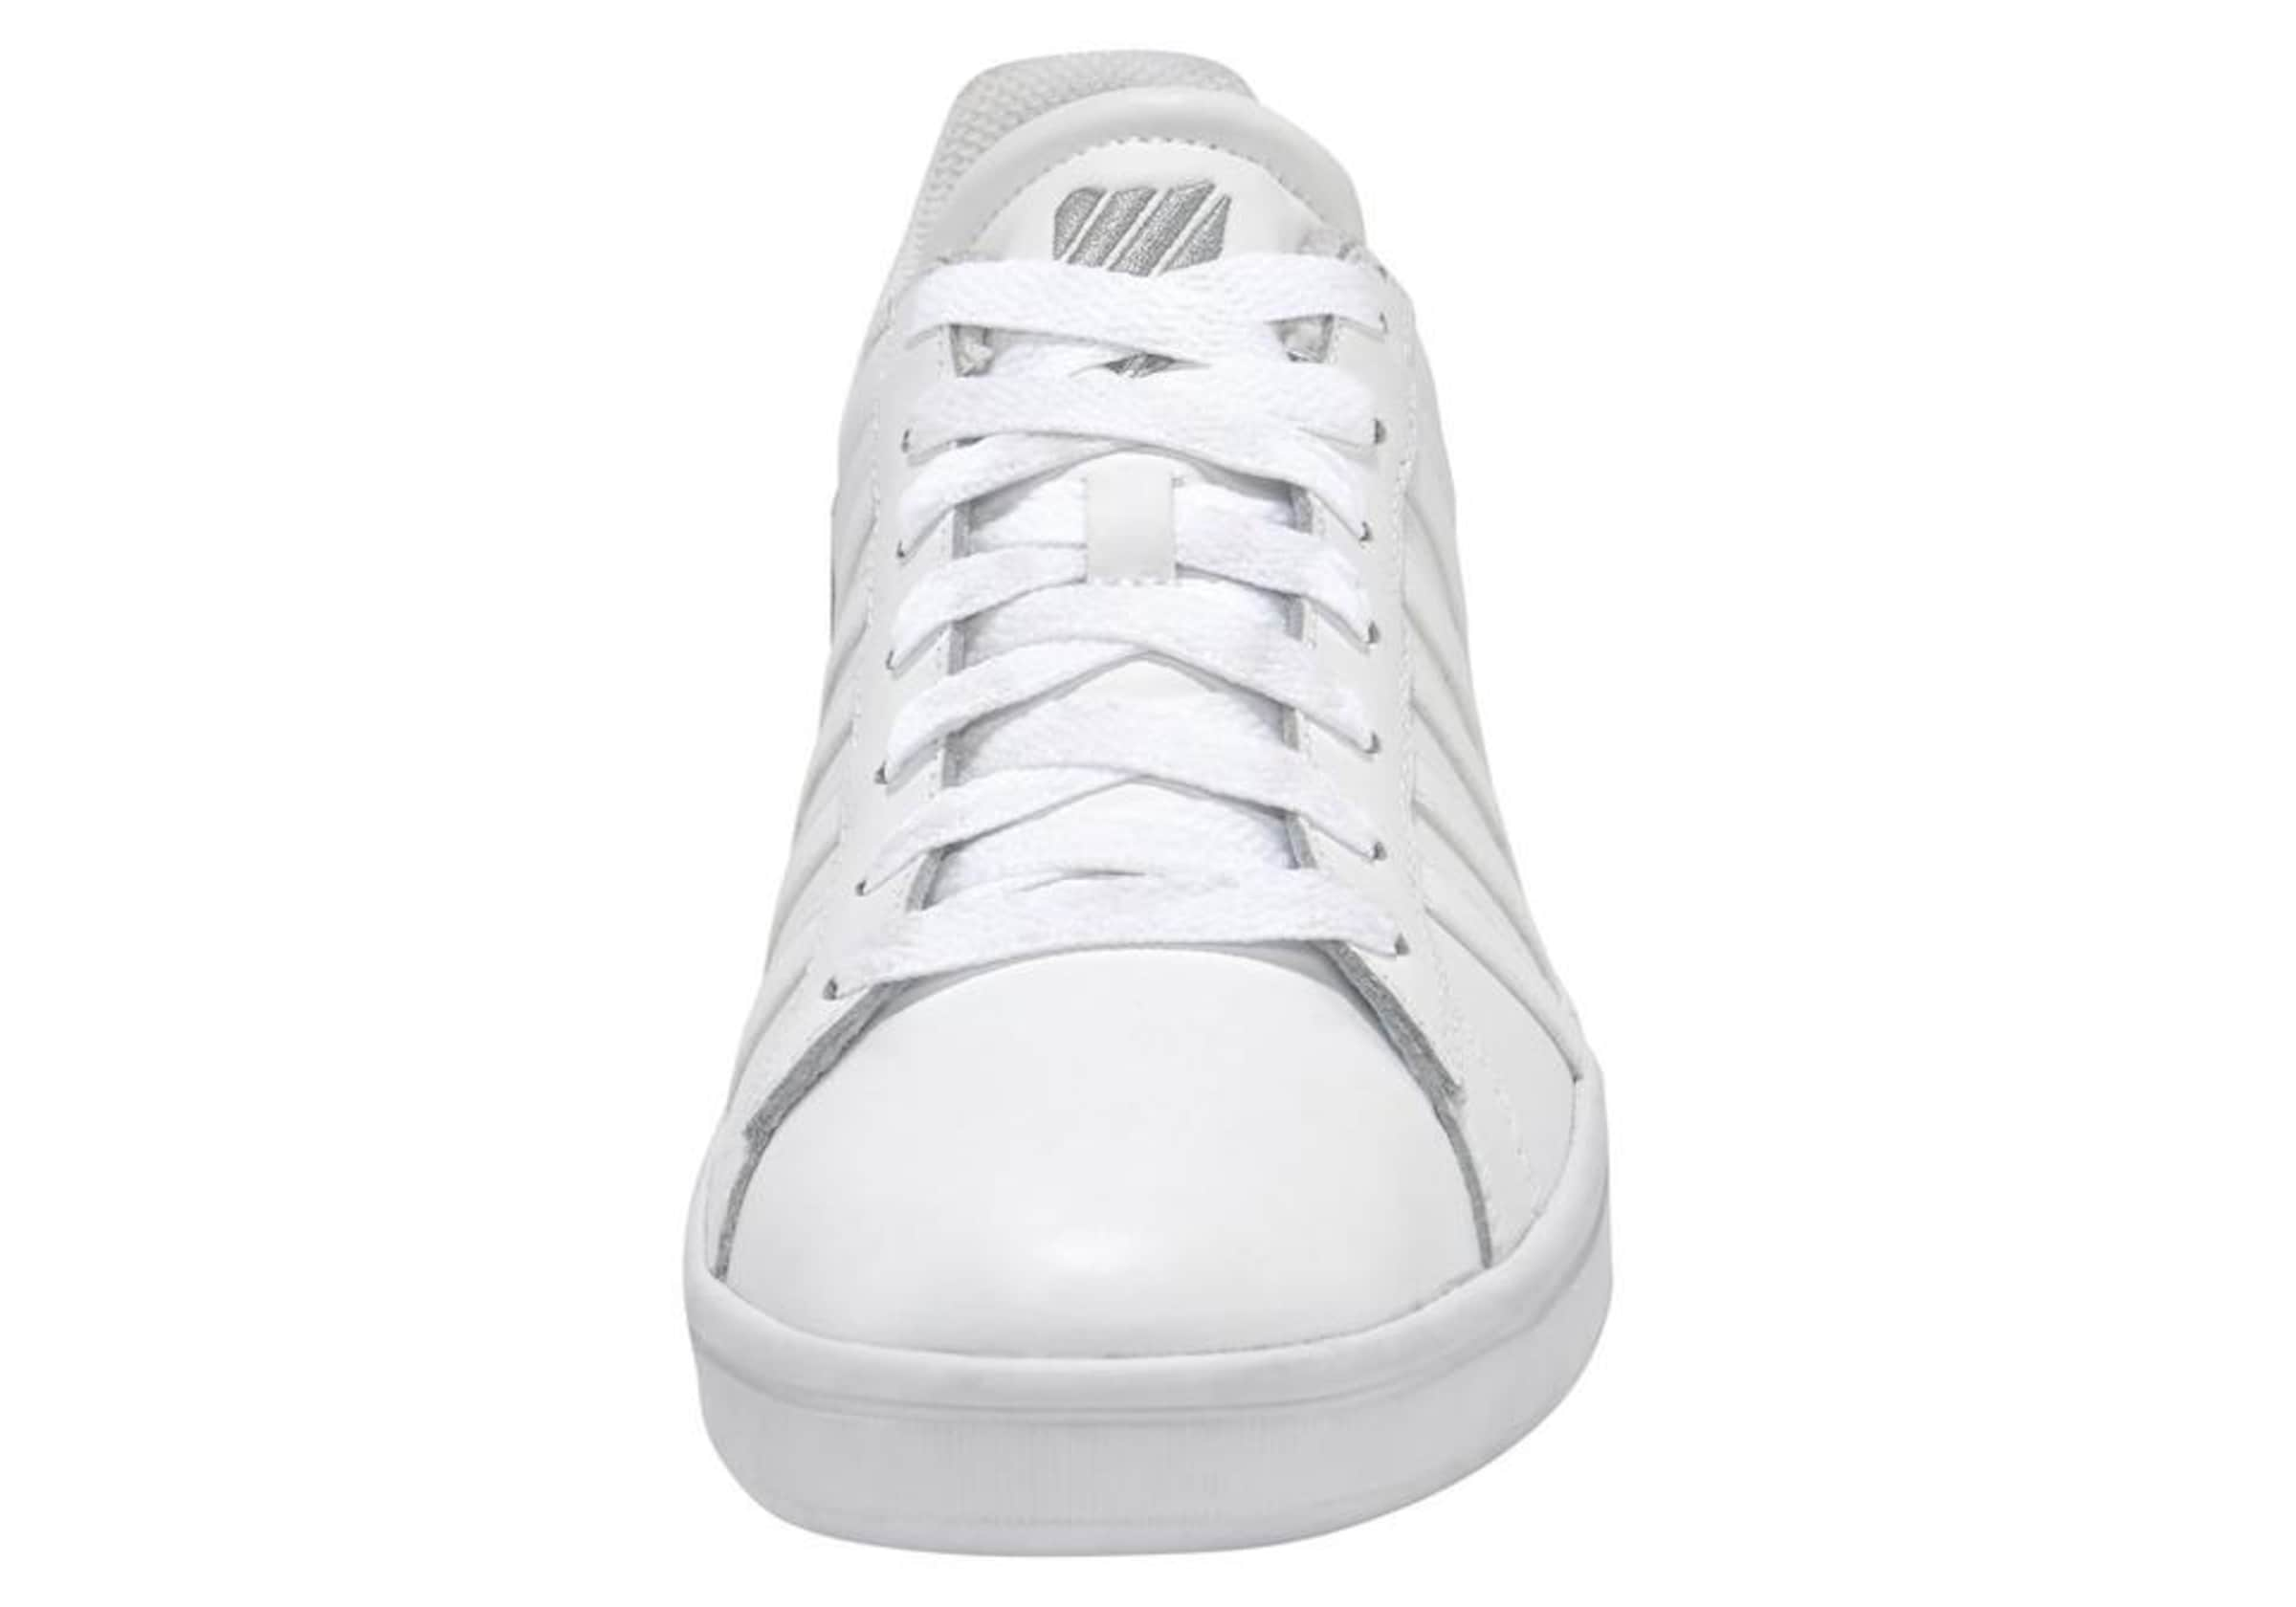 Sneaker 'court Wh9ed2iy Swiss K Weiß In M' Winston 6ygb7yf XiuOPZk